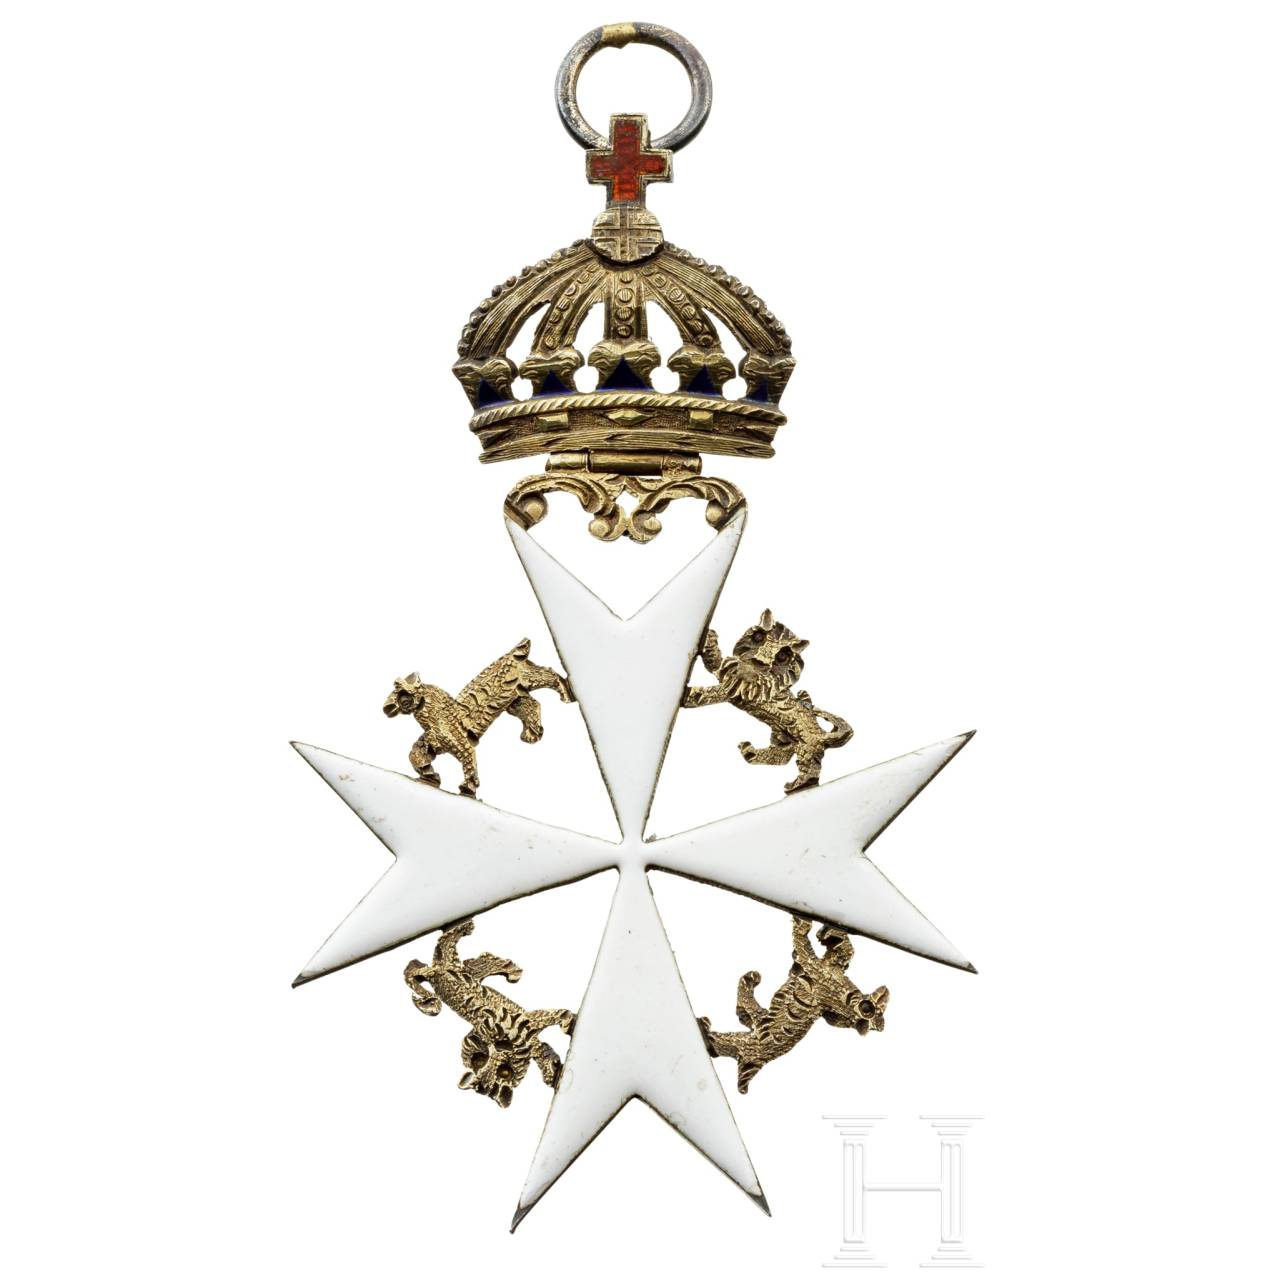 Kreuz des Johanniterordens, Großbritannien